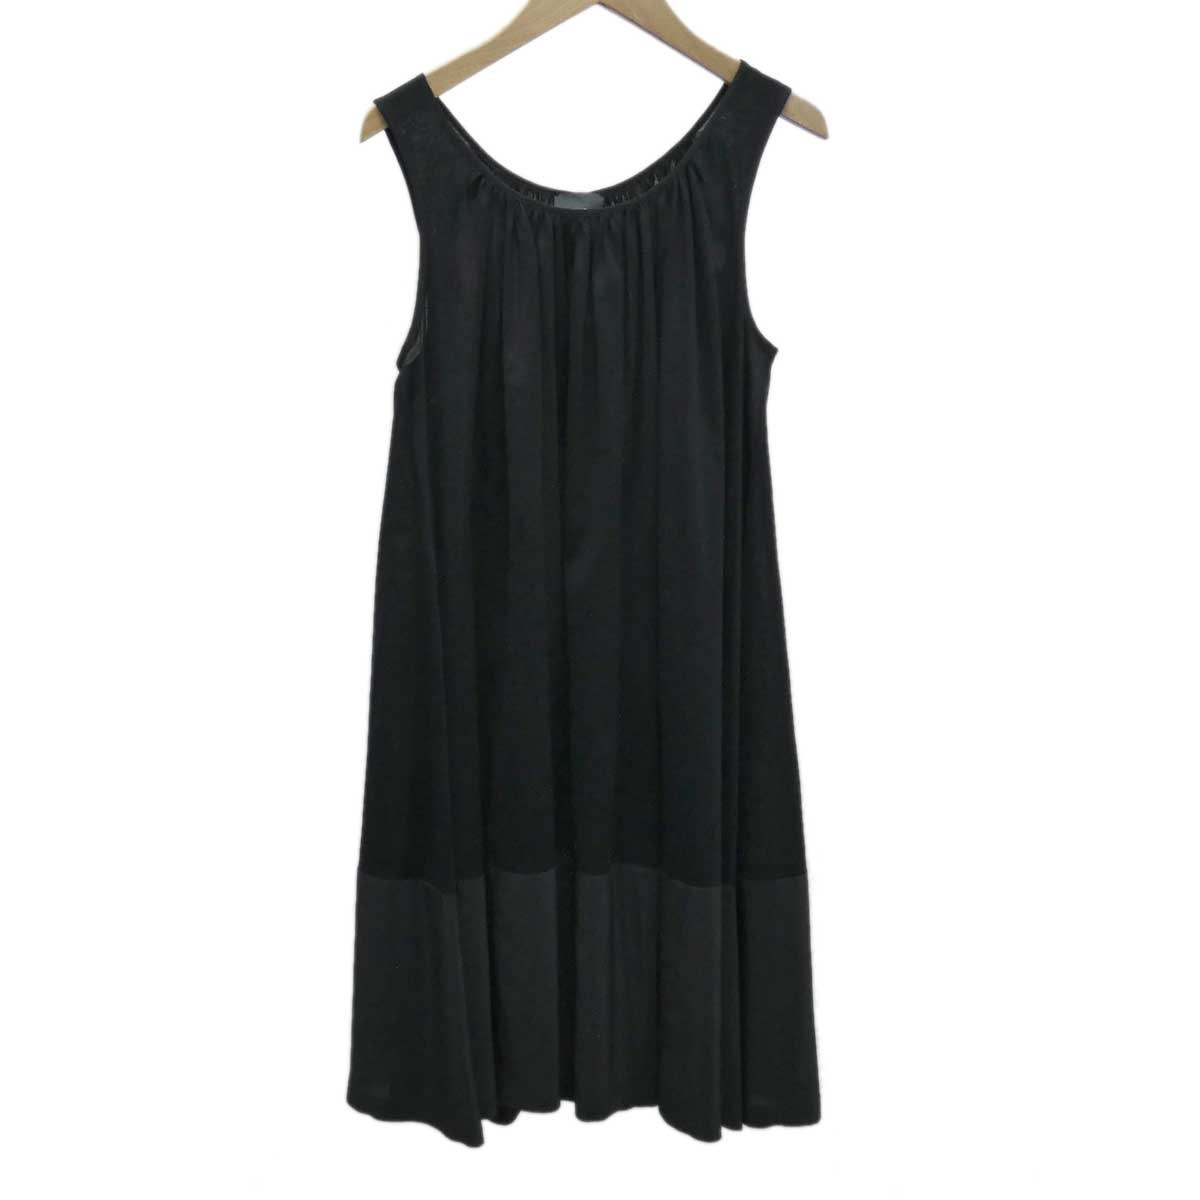 【中古】FENDI ノースリーブワンピース コットン×シルク ブラック サイズ:42 【160420】(フェンディ)